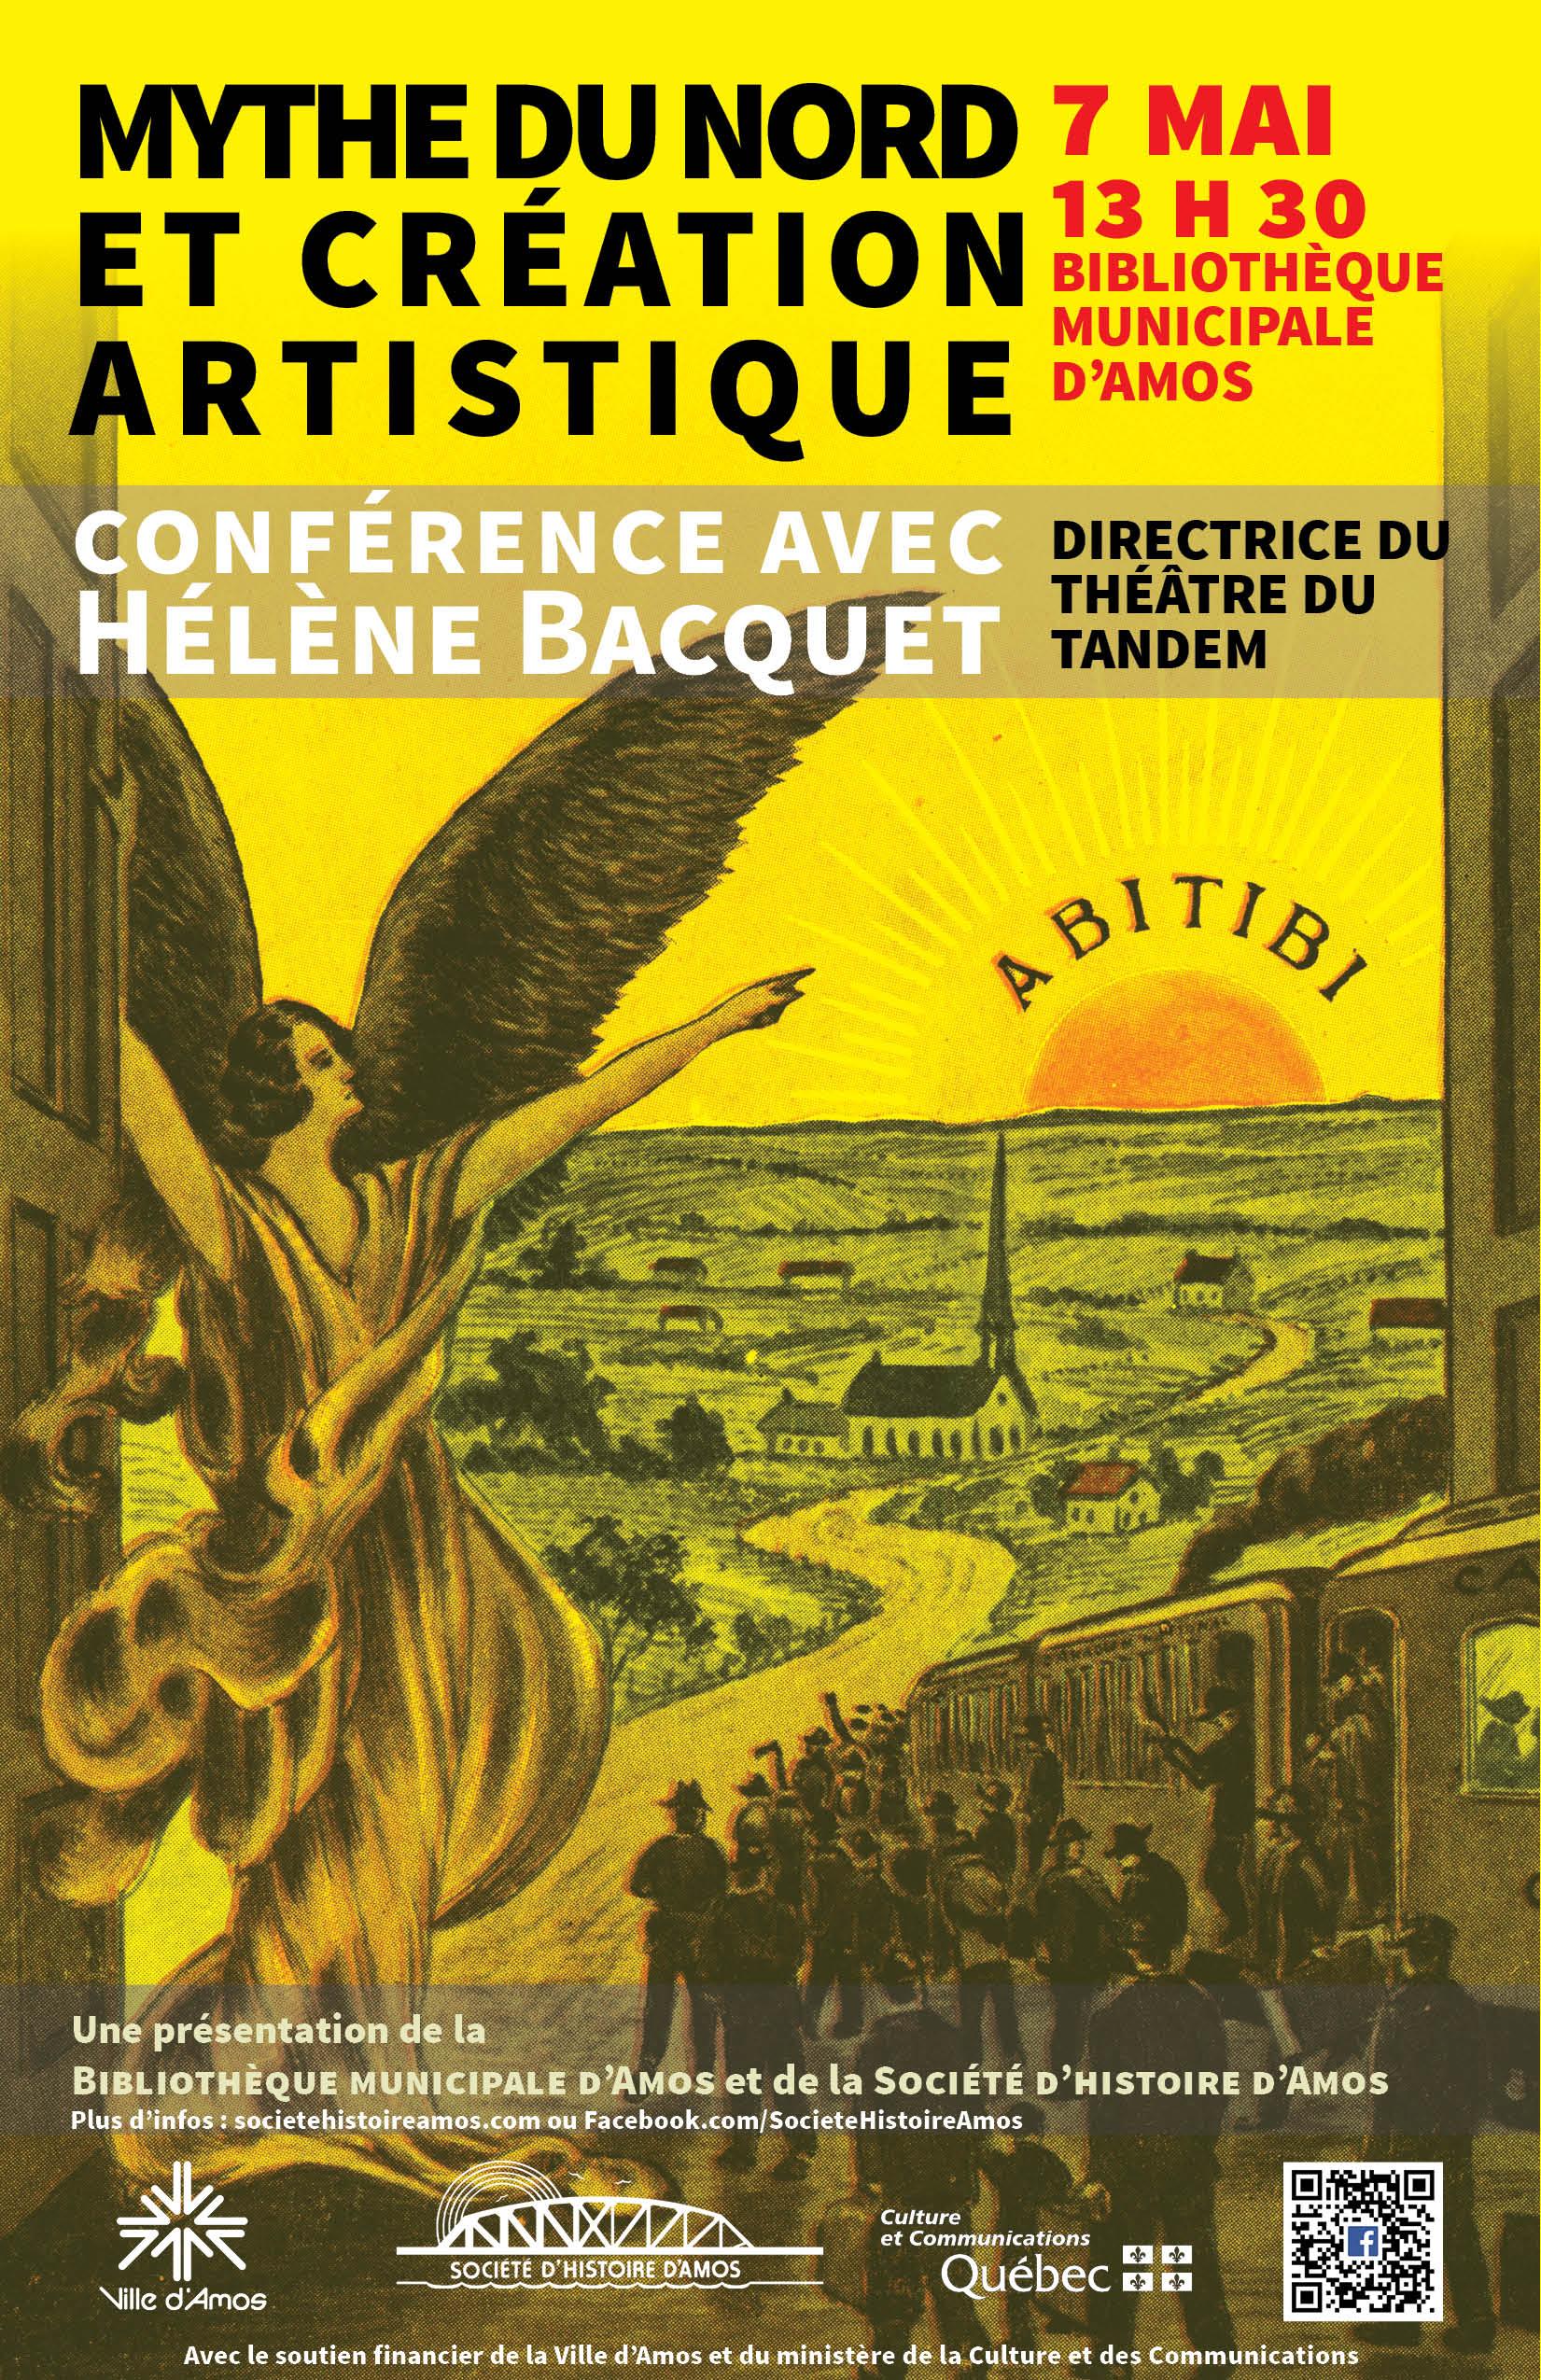 Mythe du Nord et création artistique. Conférence avec Hélène Bacquet